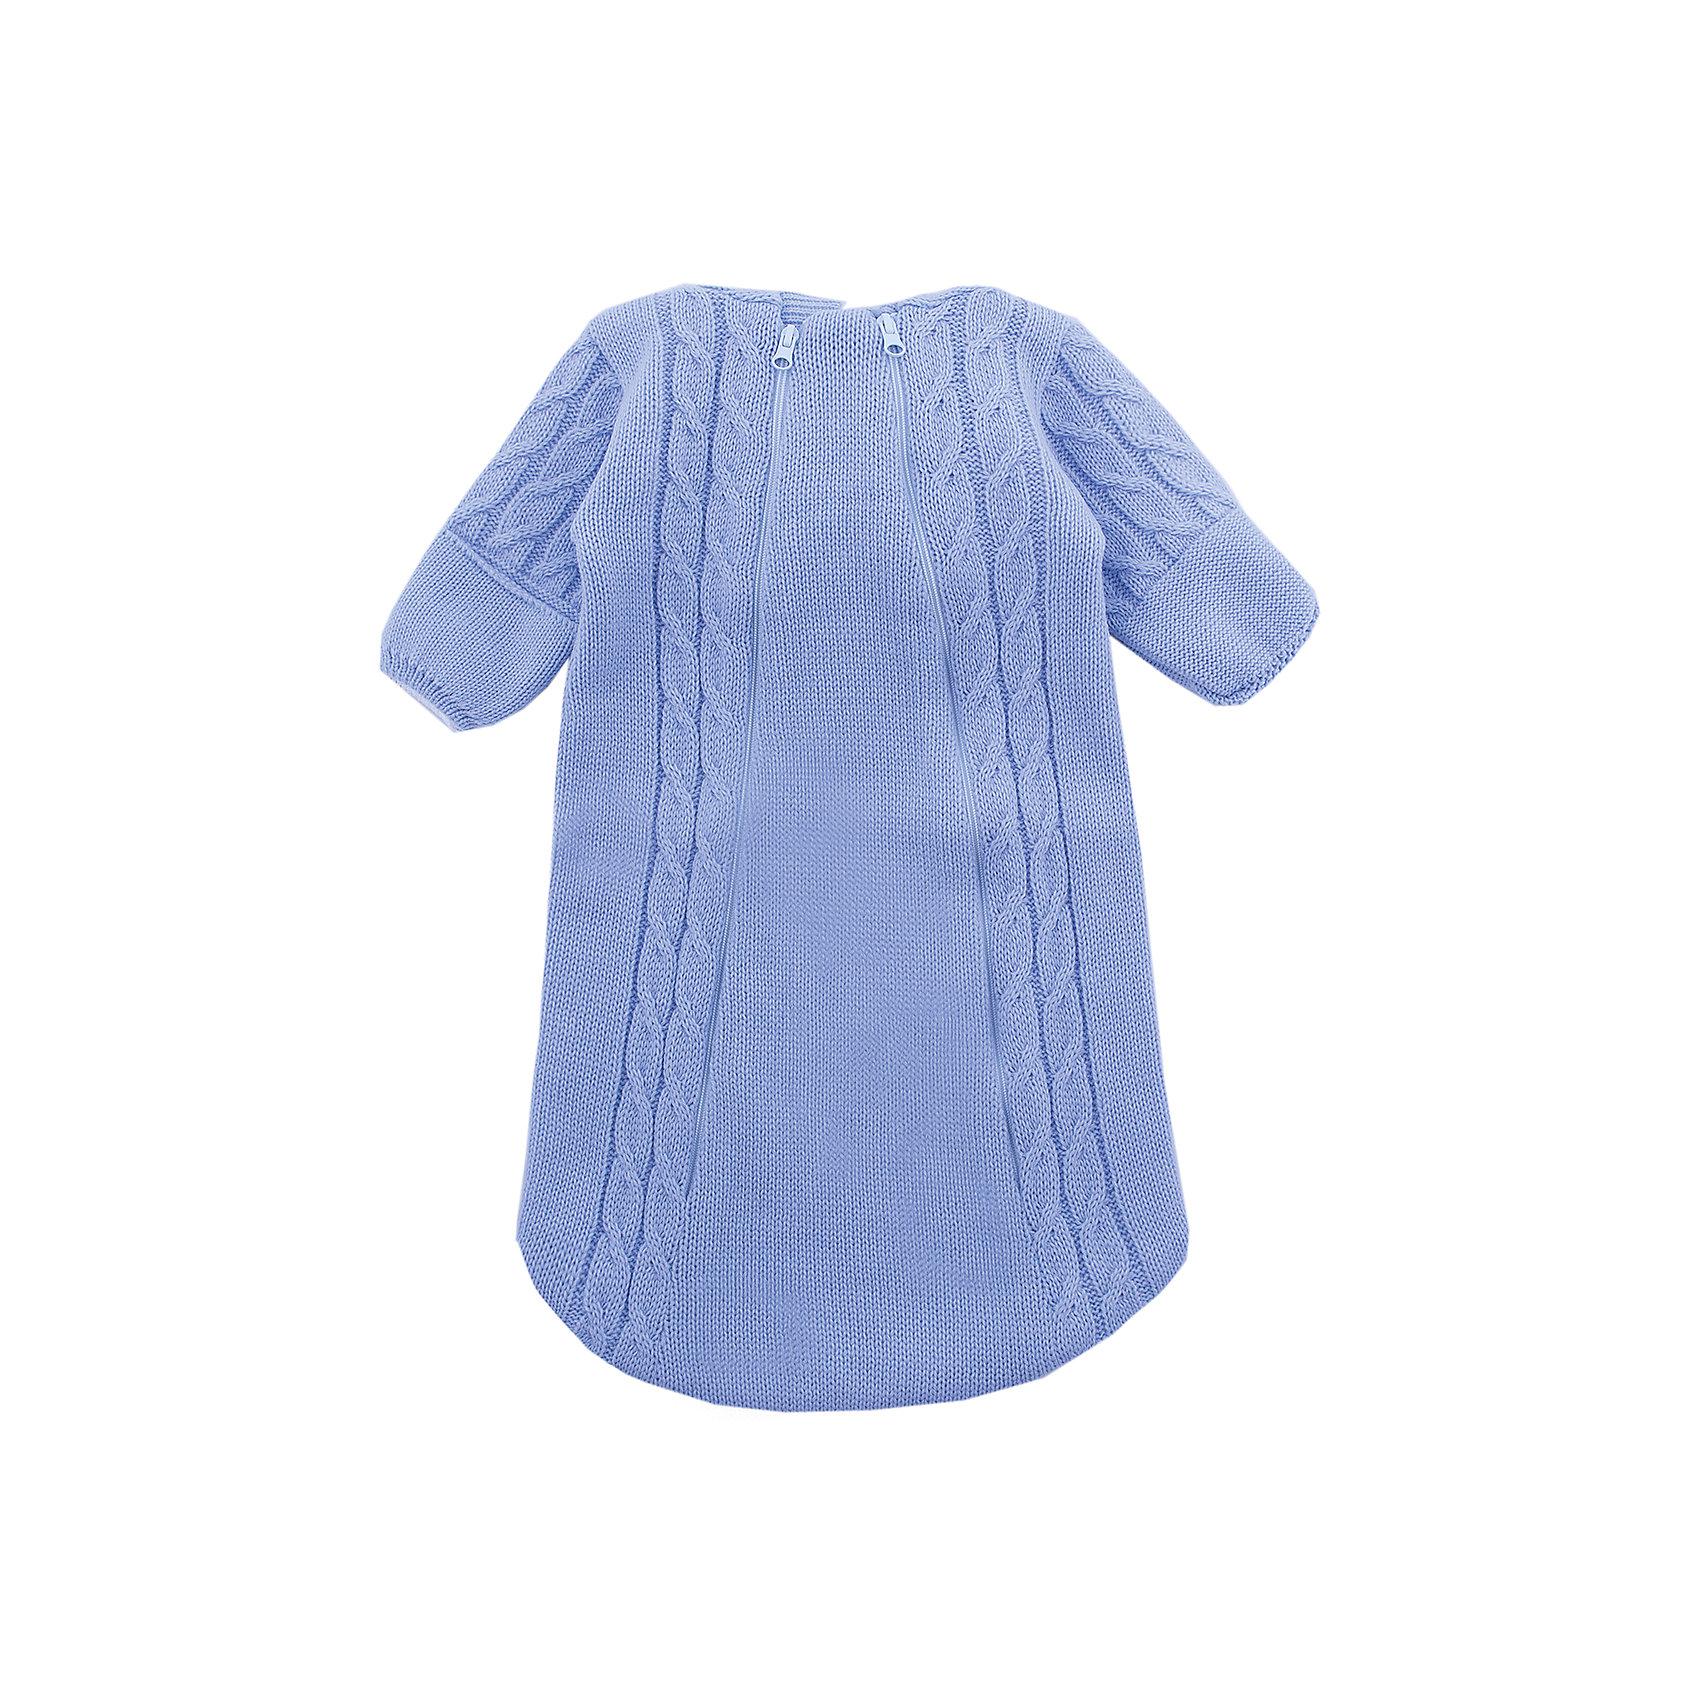 Комбинезон (конверт)  Косы Уси-Пуси для мальчикаКомбинезоны<br>Характеристики товара:<br><br>• цвет: голубой;<br>• ткань: вязаная;<br>• пол: мальчик;<br>• состав ткани: 50% шерсть, 50% пан, внутр. слой 100%хлопок;<br>• утеплитель: без утеплителя;<br>• вид застежки: на молнии;<br>• особенности модели: вязаная, с рисунком;<br>• сезон: демисезон;<br>• страна бренда: Россия;<br>• страна изготовитель: Россия.<br><br>Вязаный конветр для новородженных с подкладкой из 100% хлопка отлично подойдет для выписки из роддома.<br><br>Верхняя ткань выполнена из нитей шерсти и ПАНа. Его можно использовать круглый год: зимой под зимний конветр, а летом при прохладной погоде. Наличие двух молний на конверте позволяют быстро одеть ребенка на прогулку или переодеть малыша при необходимости. <br><br>Вязаный конветр «Косы» Уси-Пуси для мальчика можно купить в нашем интернет-магазине.<br><br>Ширина мм: 157<br>Глубина мм: 13<br>Высота мм: 119<br>Вес г: 200<br>Цвет: голубой<br>Возраст от месяцев: 3<br>Возраст до месяцев: 6<br>Пол: Мужской<br>Возраст: Детский<br>Размер: 62/68,50/56,56/62<br>SKU: 7029640